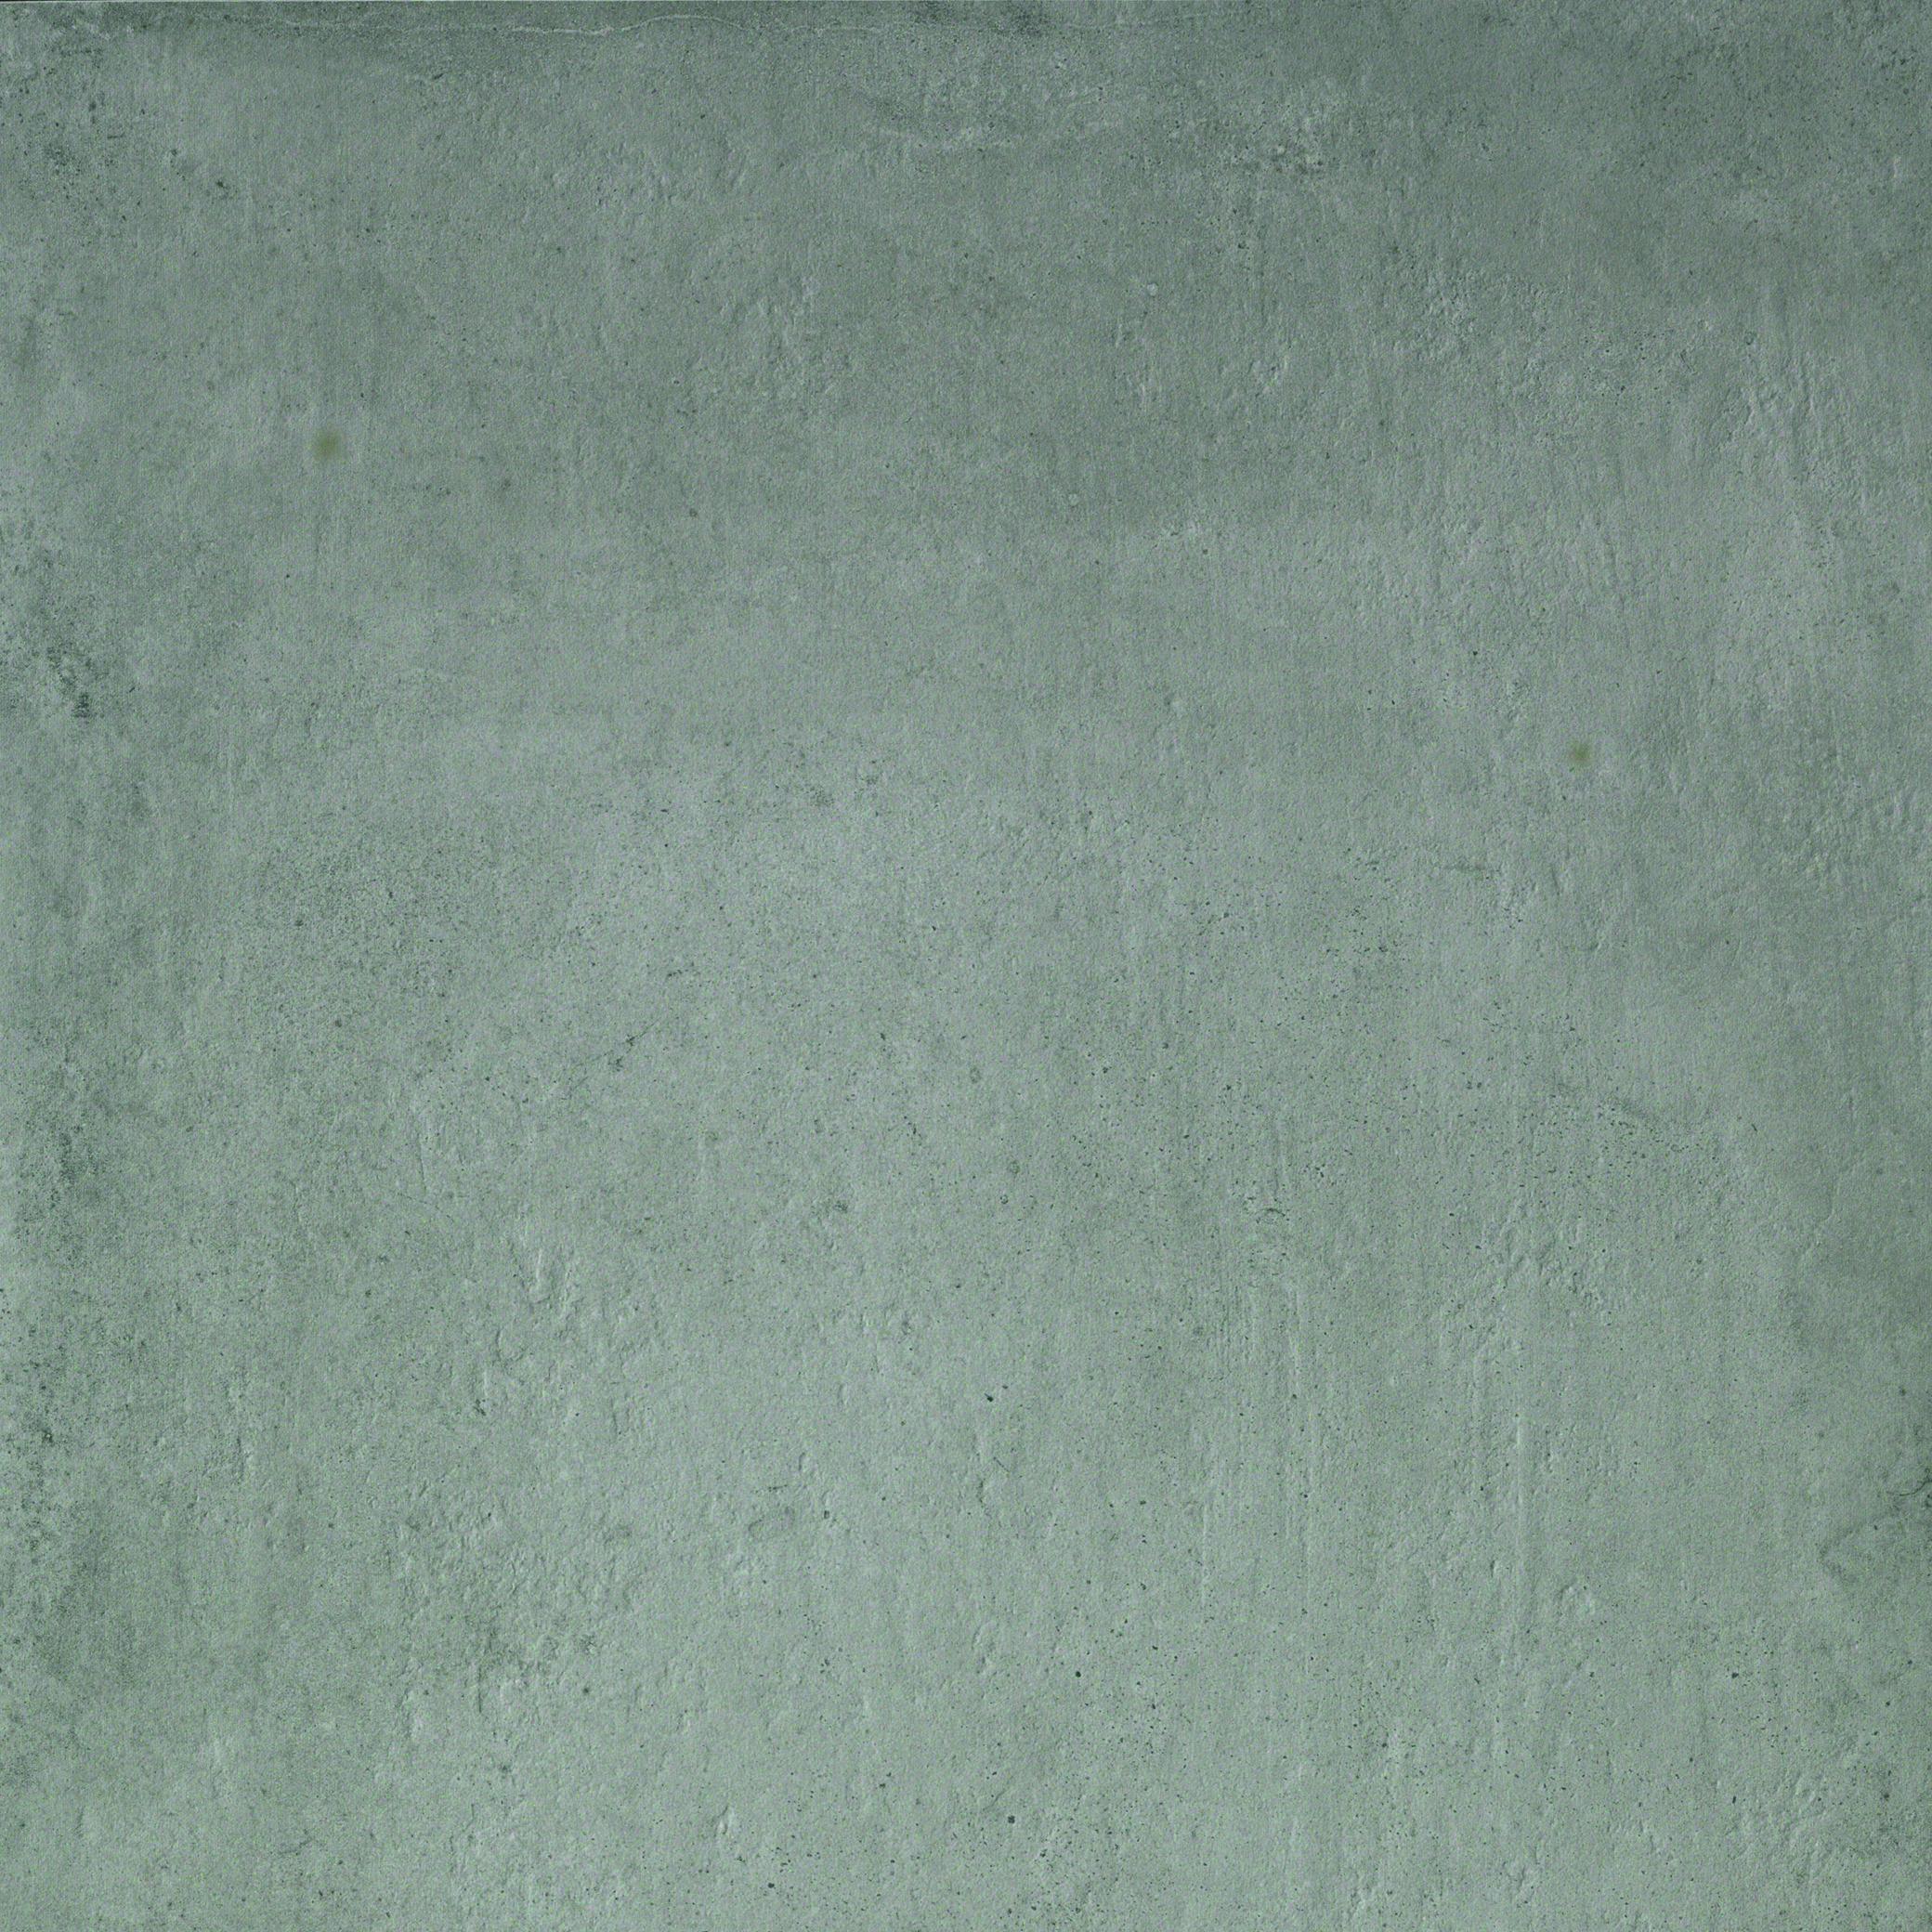 Carrelage ext rieur dalles anti d rapantes effet b ton for Carrelage beton exterieur